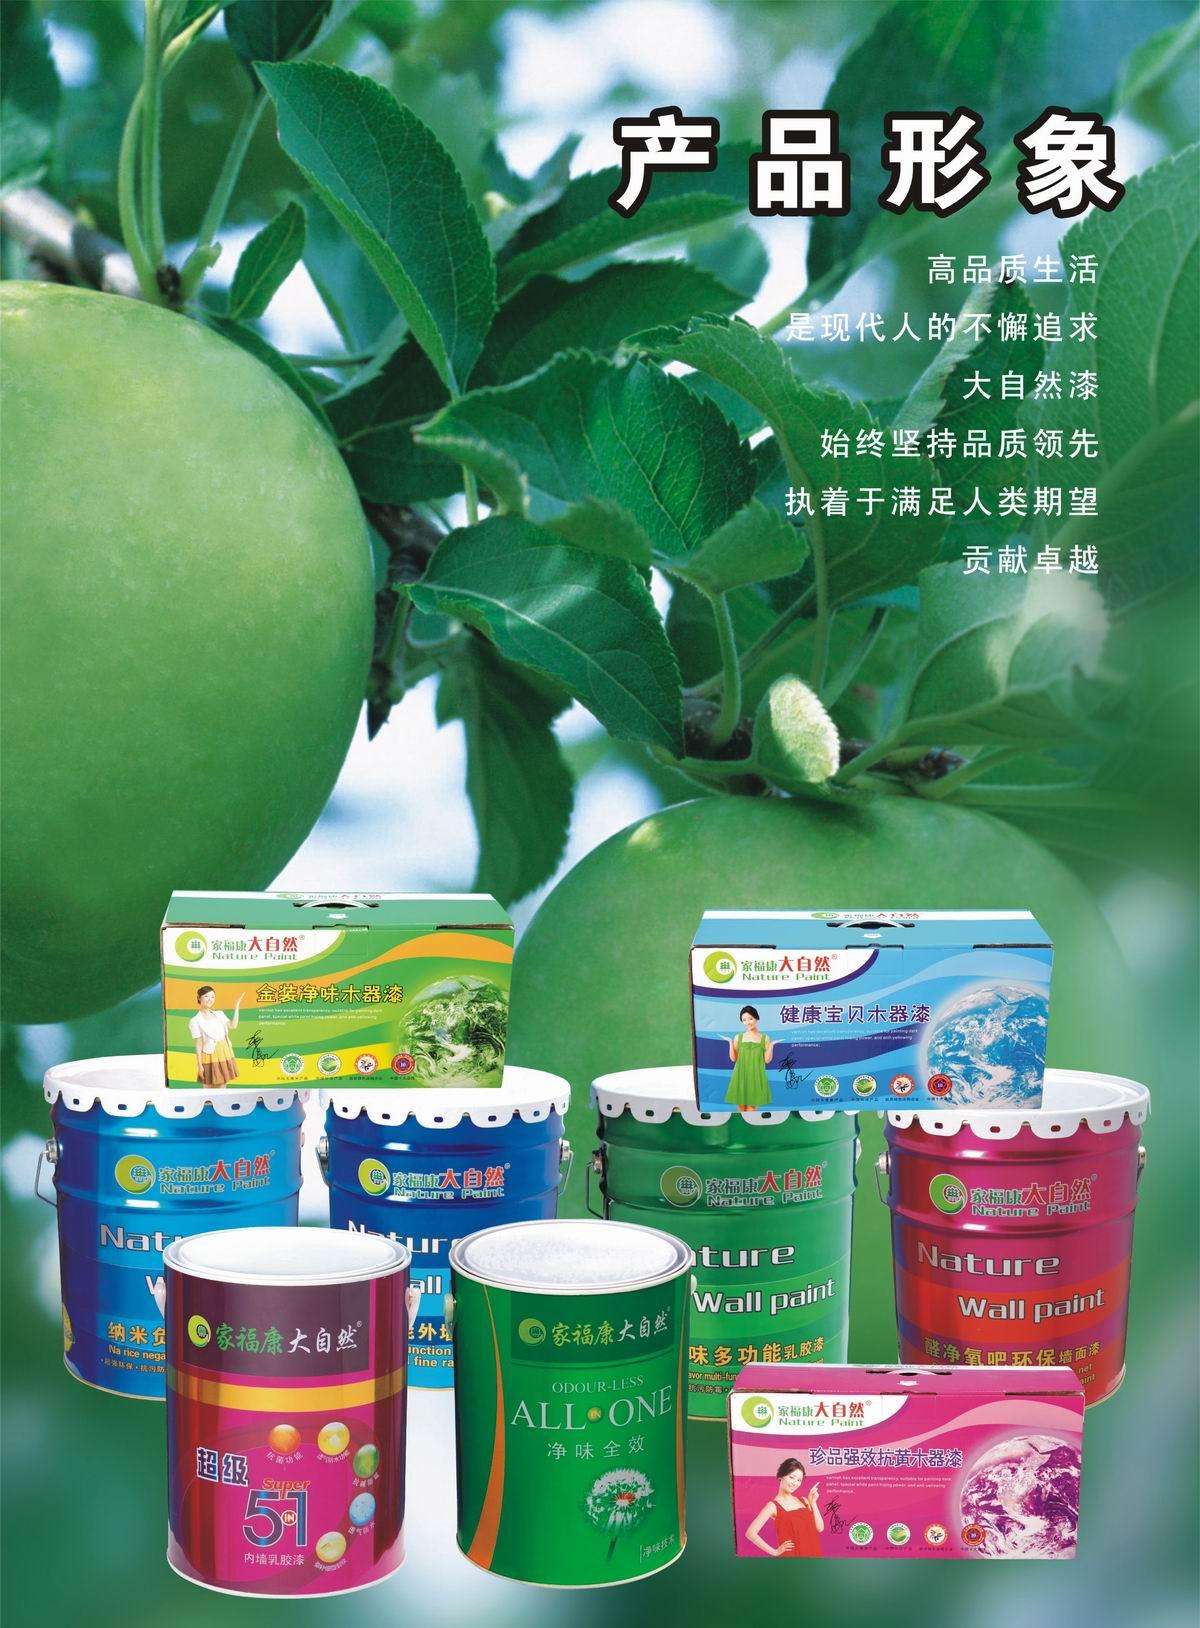 厂价大自然品牌涂料油漆代理首选加盟